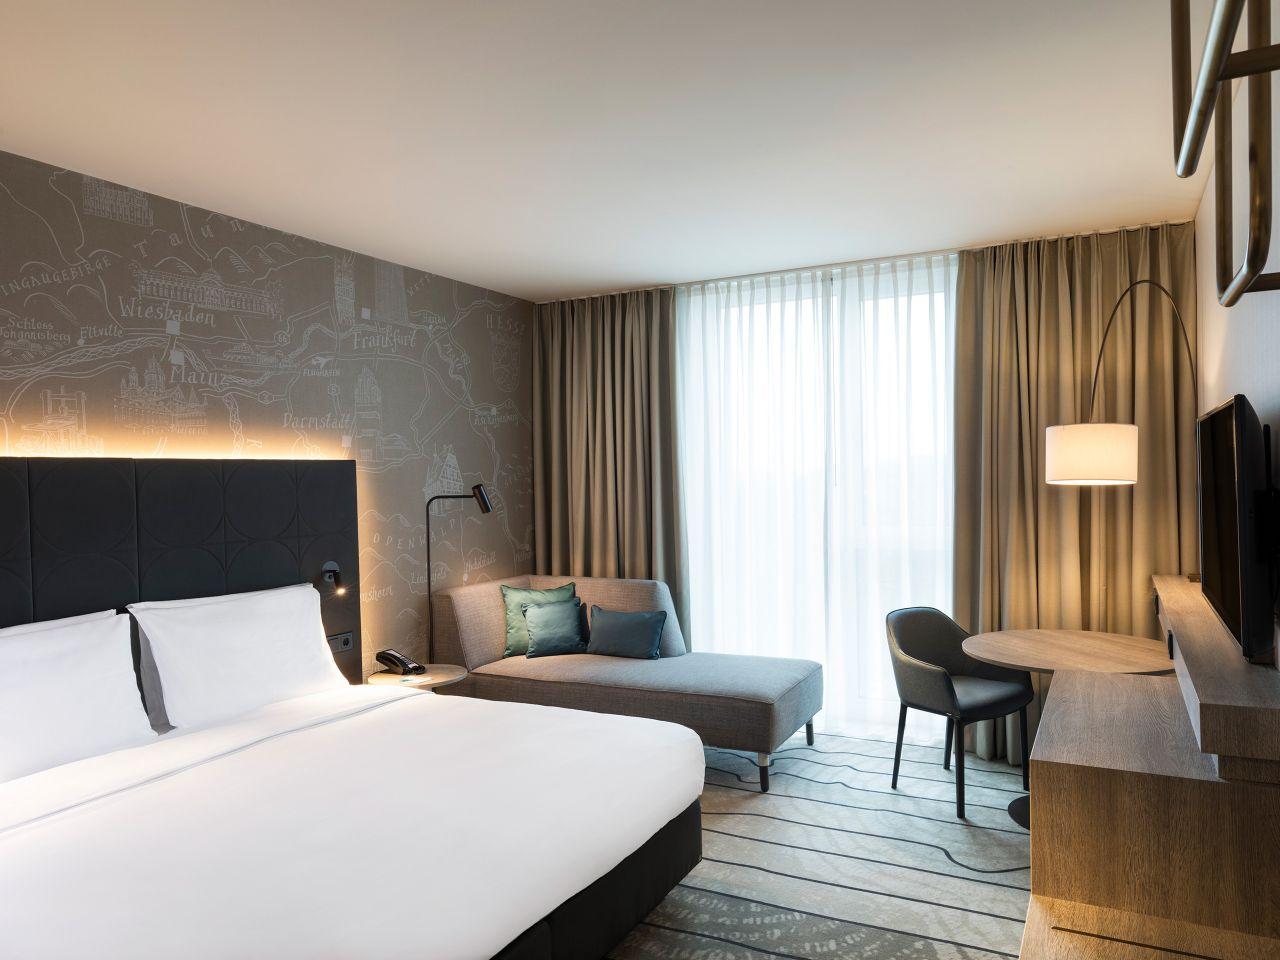 Guestroom No Sofabed